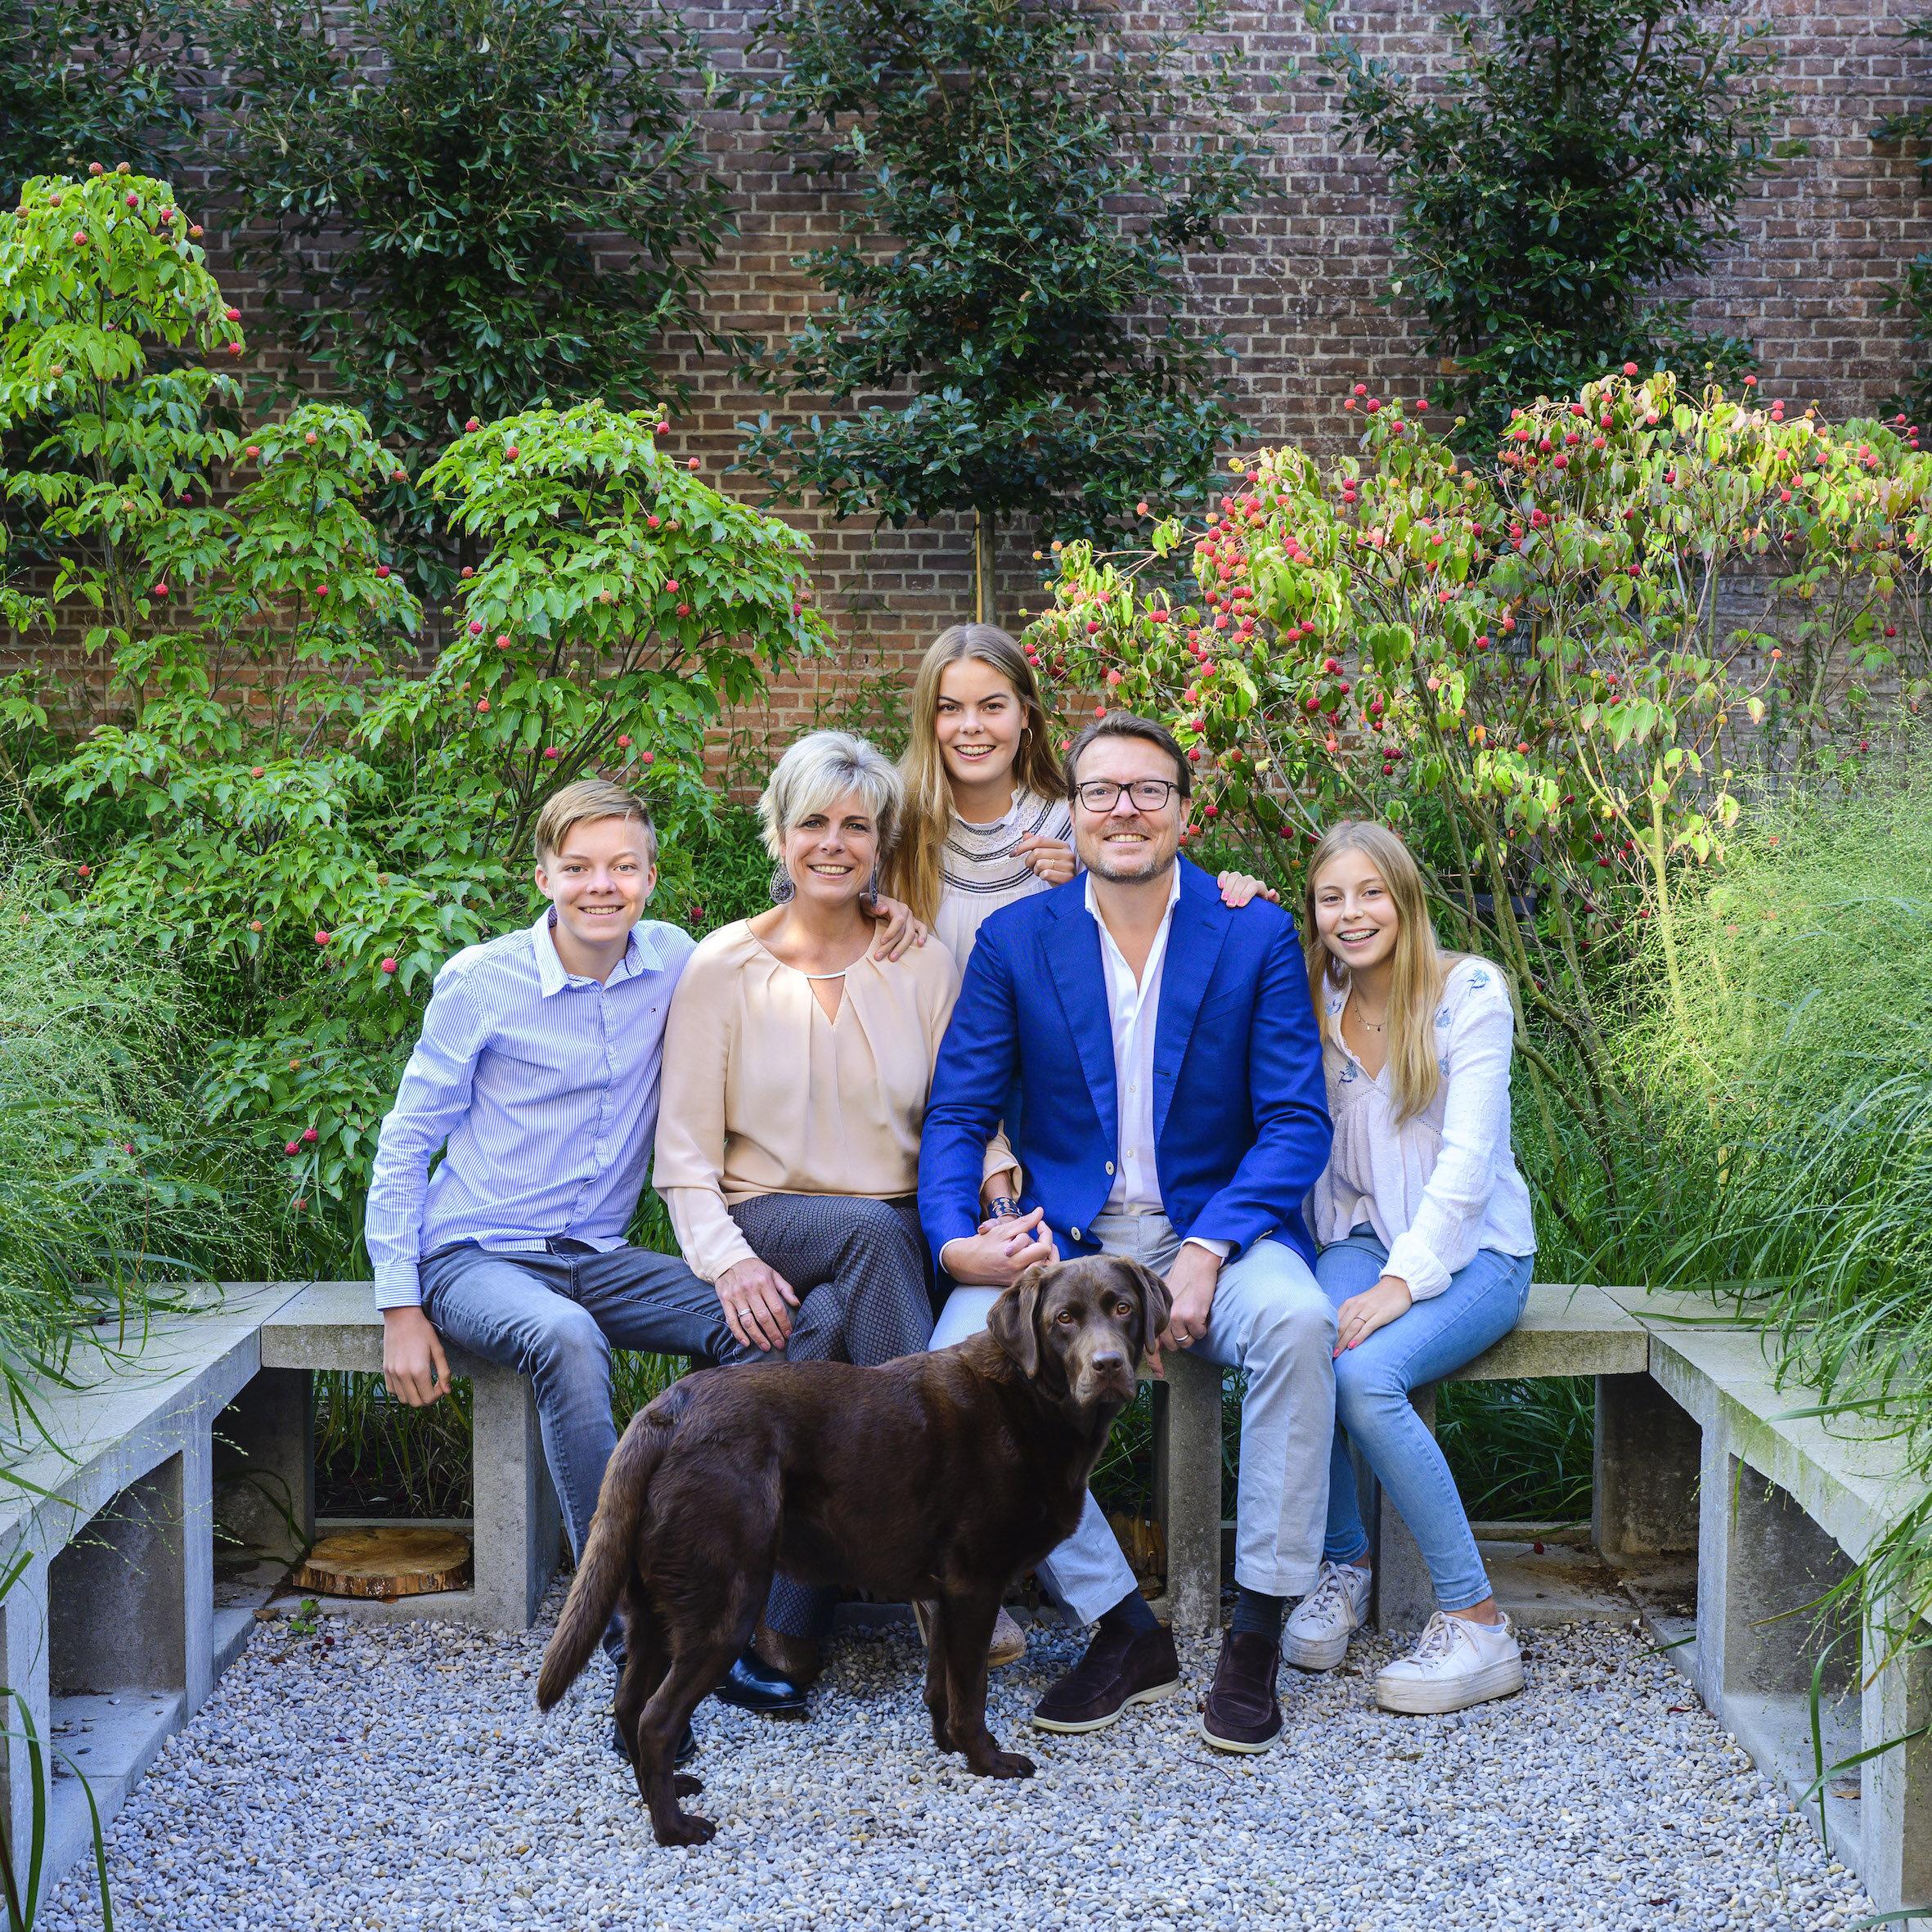 Wie süß! Prinzessin Laurentien und Prinz Constantijn halten ganz verliebt Händchen. Das Foto zeigt sie mit ihren drei Kindern Graf Claus-Casimir (15), Gräfin Eloise (17) und Gräfin Leonore (13,r.) sowie mit dem Familienhund.  © RVD - Jeroen van der Meyde